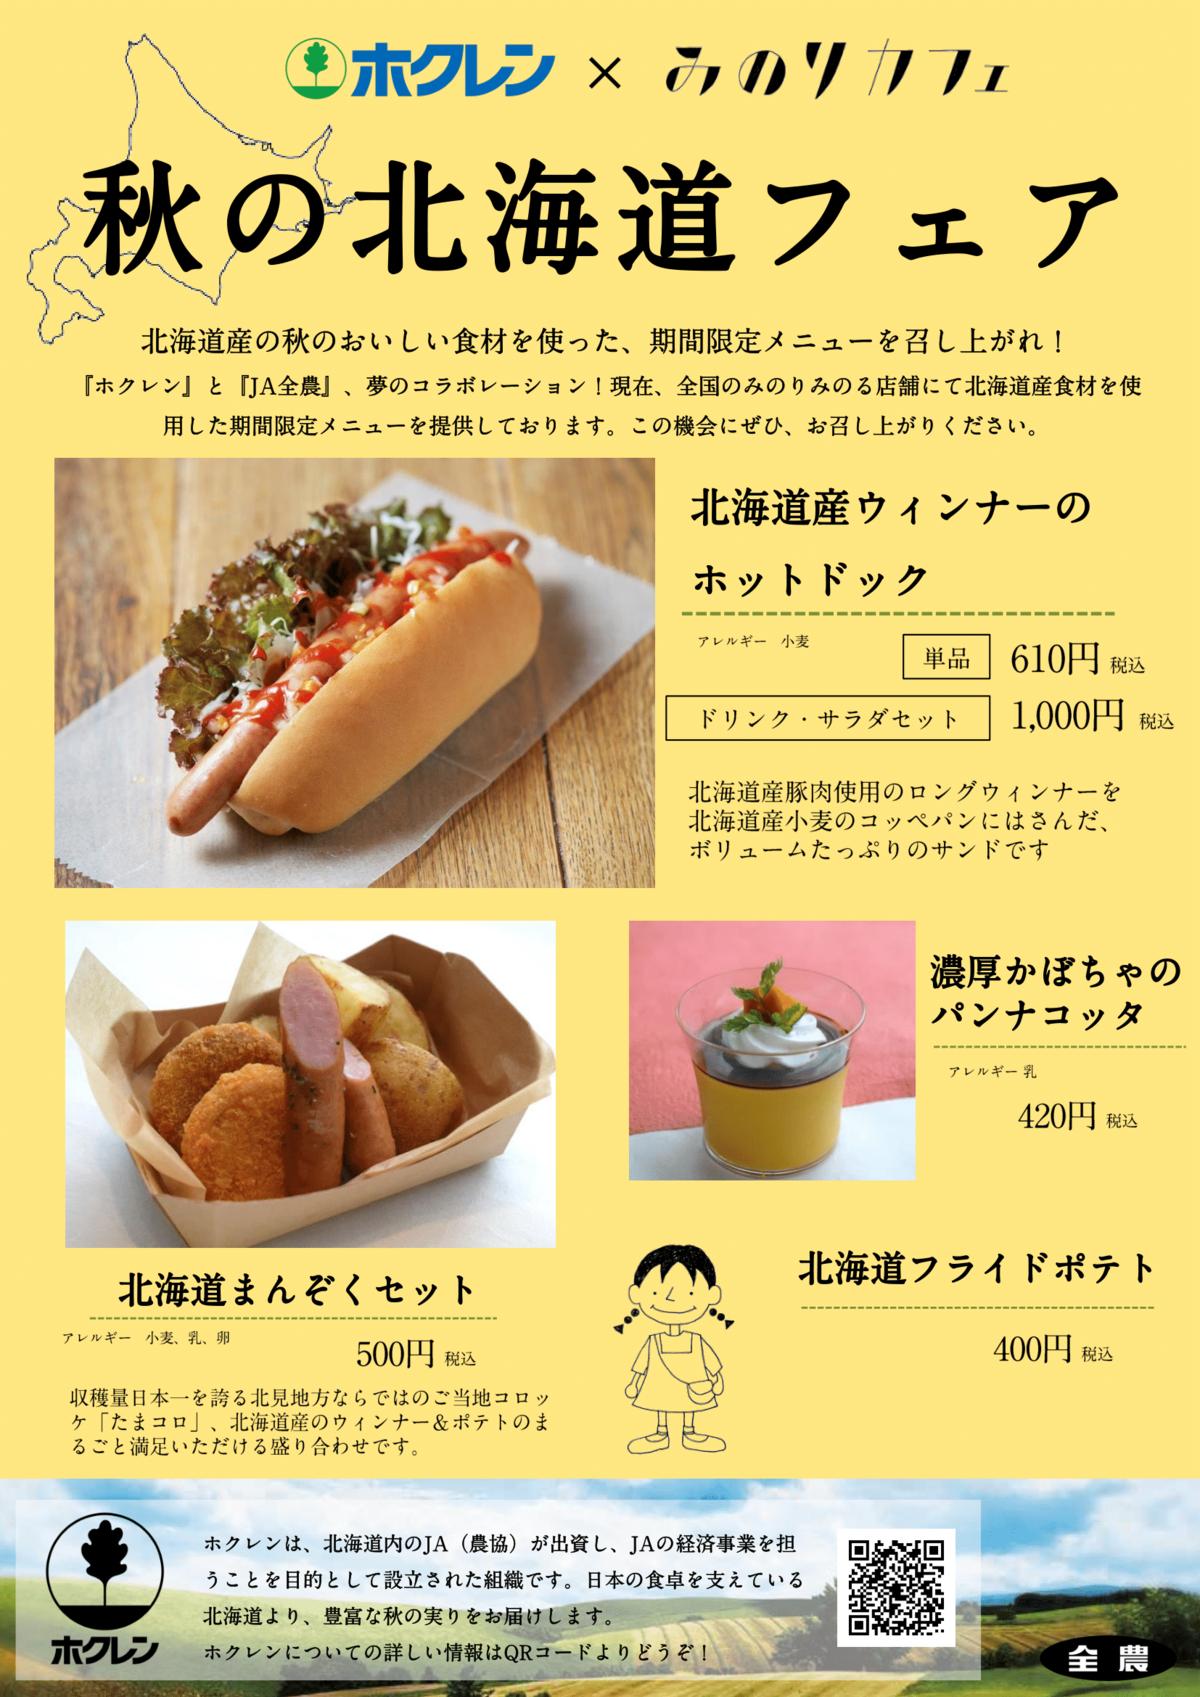 ②北海道フェアPOP( みのりカフェ銀座)ホットドックほか-1.png